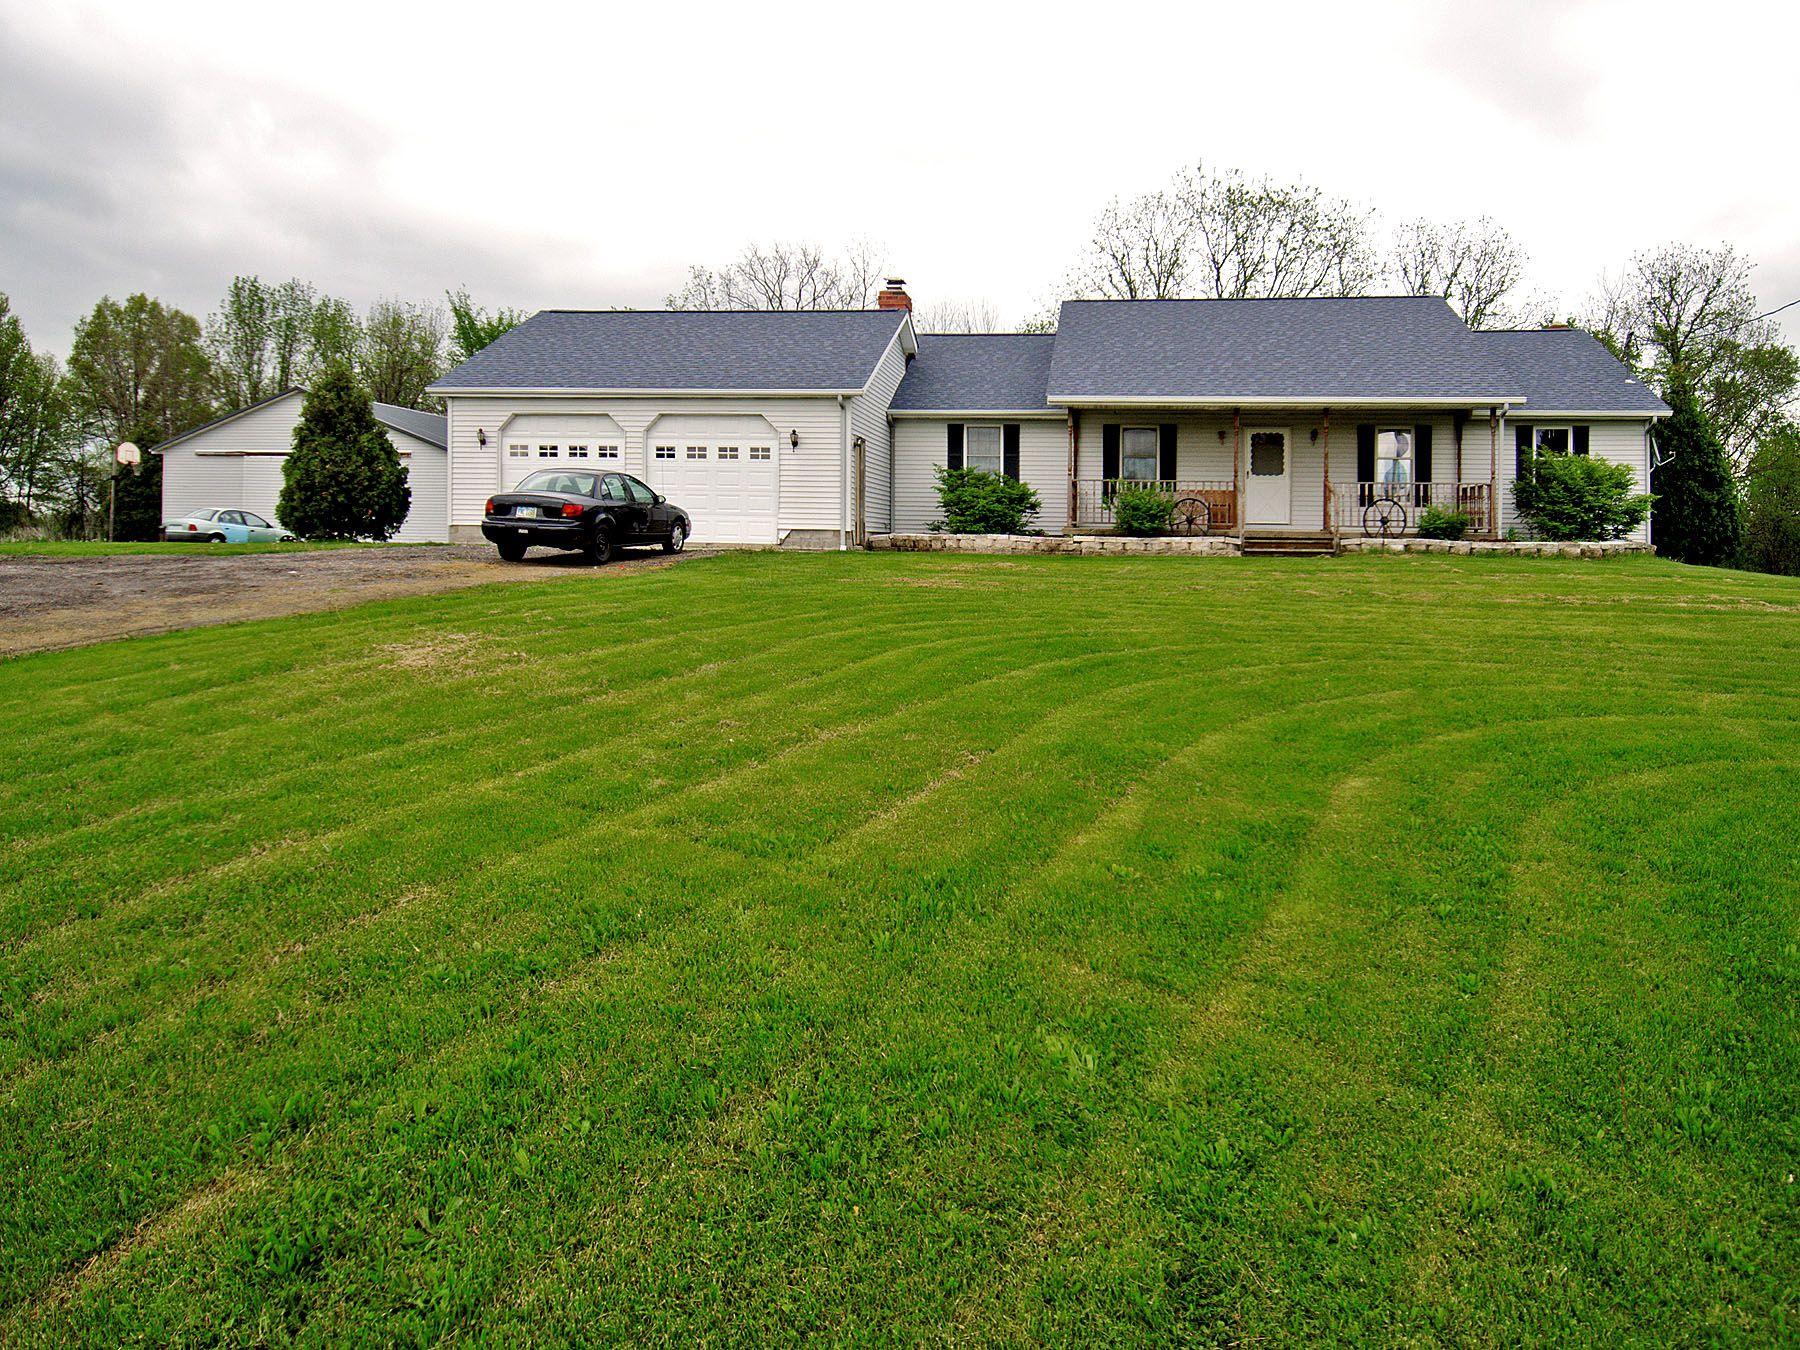 West Salem Home, OH Real Estate Listing